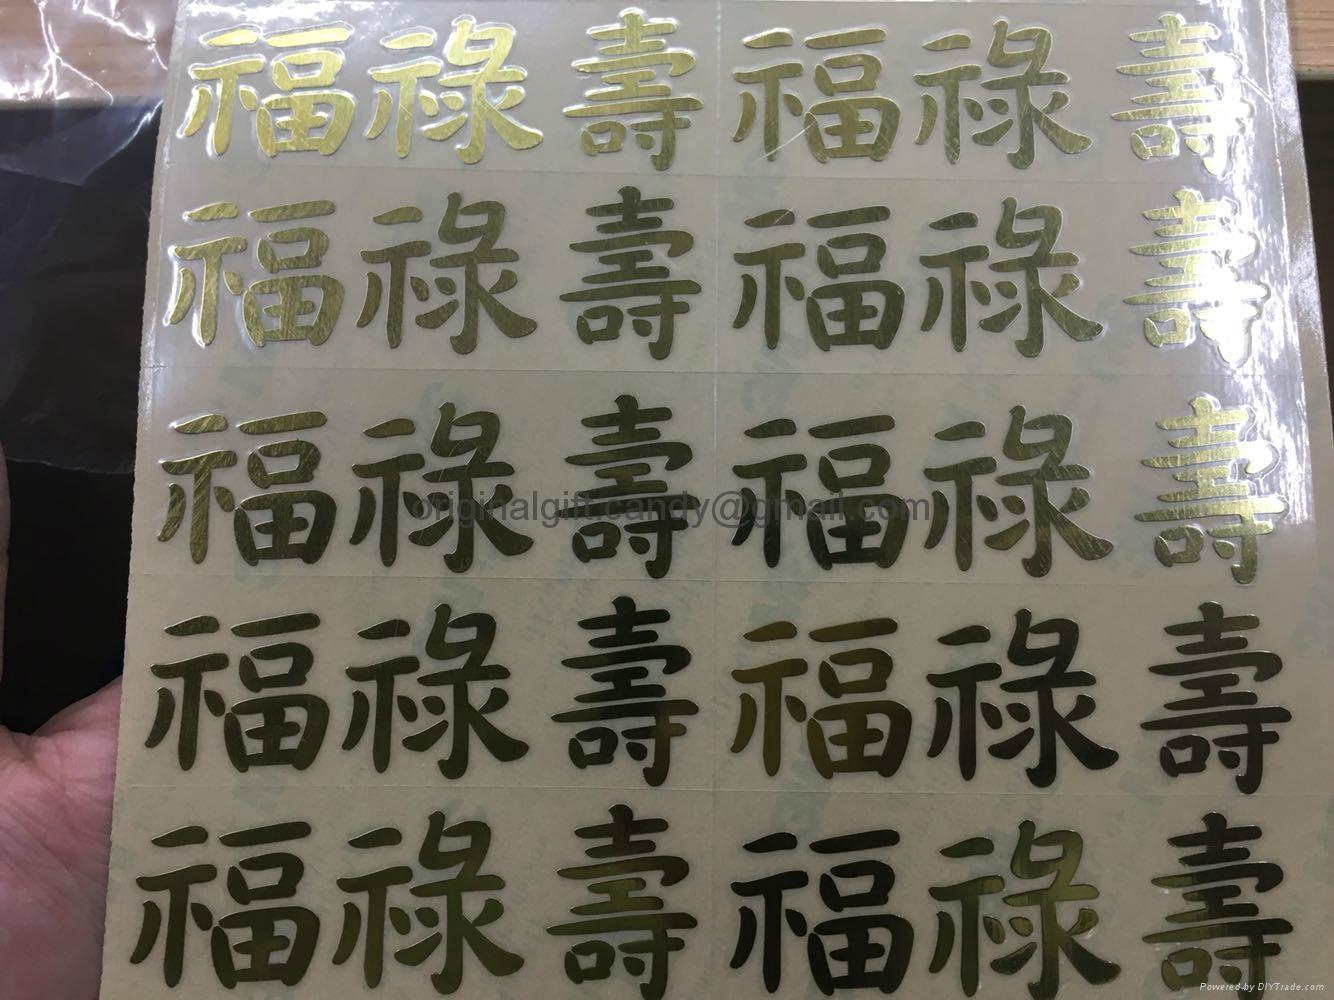 度身訂造金屬貼,定製超薄金屬貼,鏤空金屬貼,定做金屬薄片 3